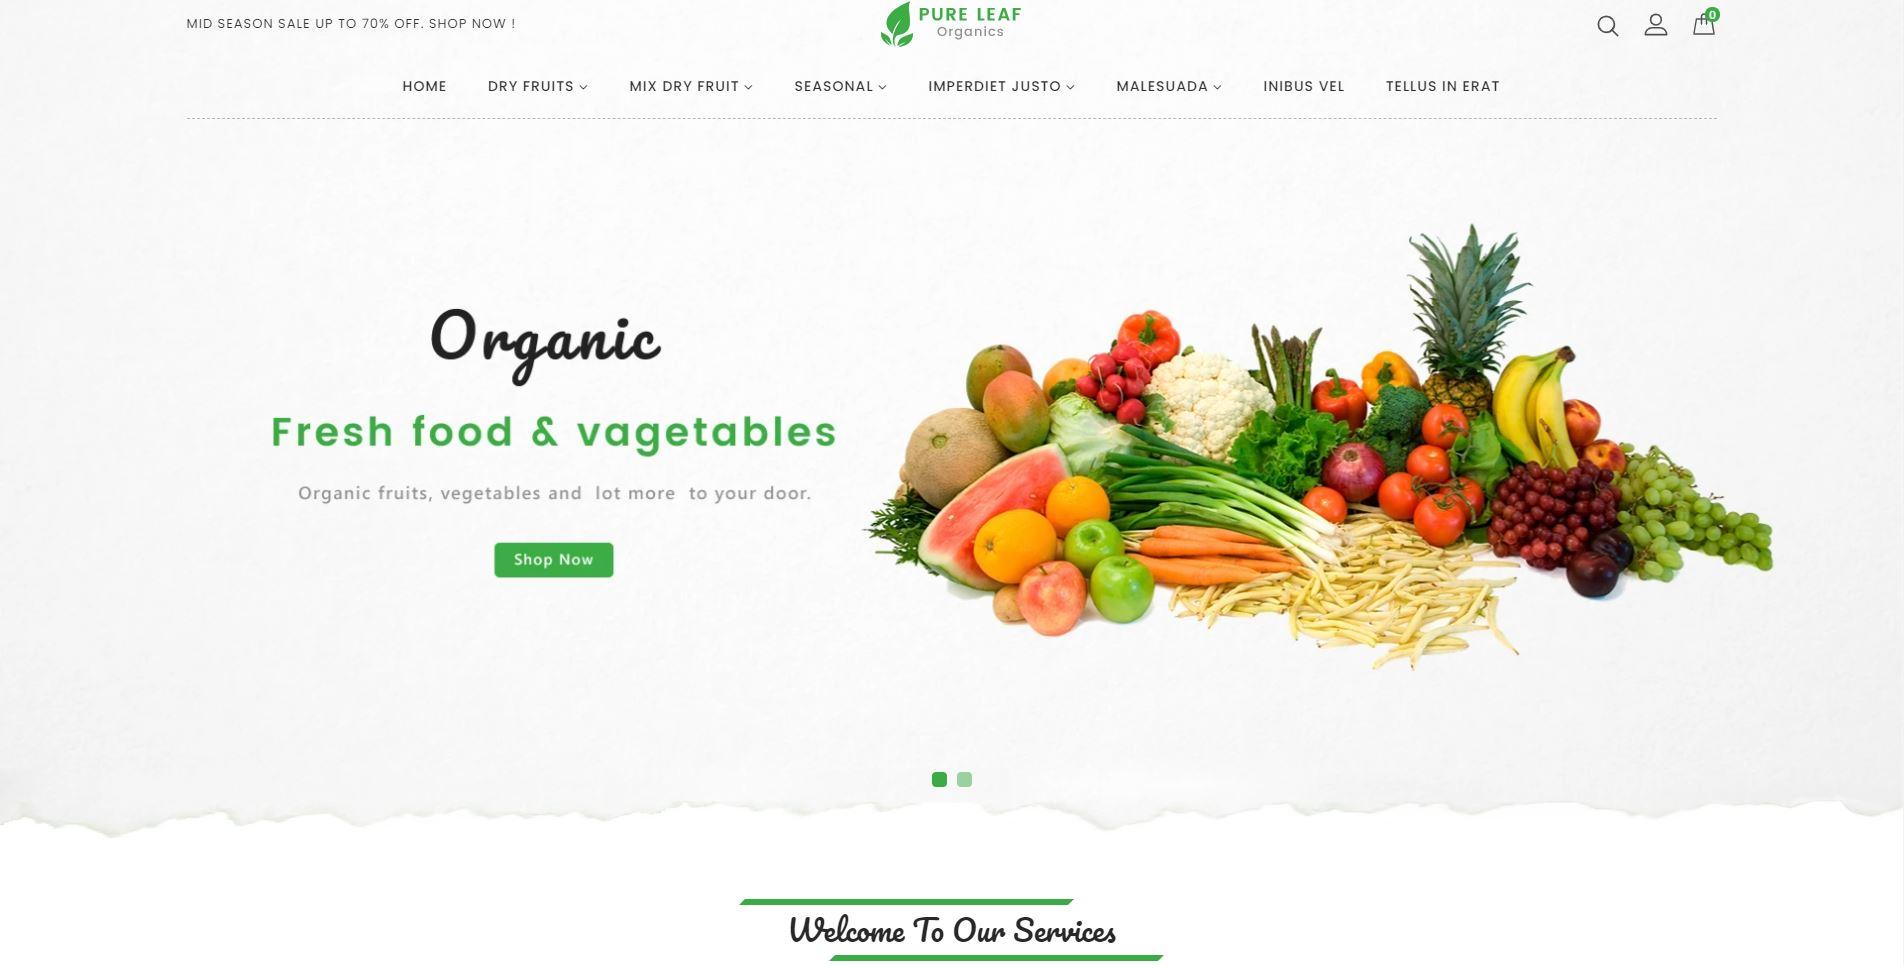 Pureleaf - Organic Shopify Theme